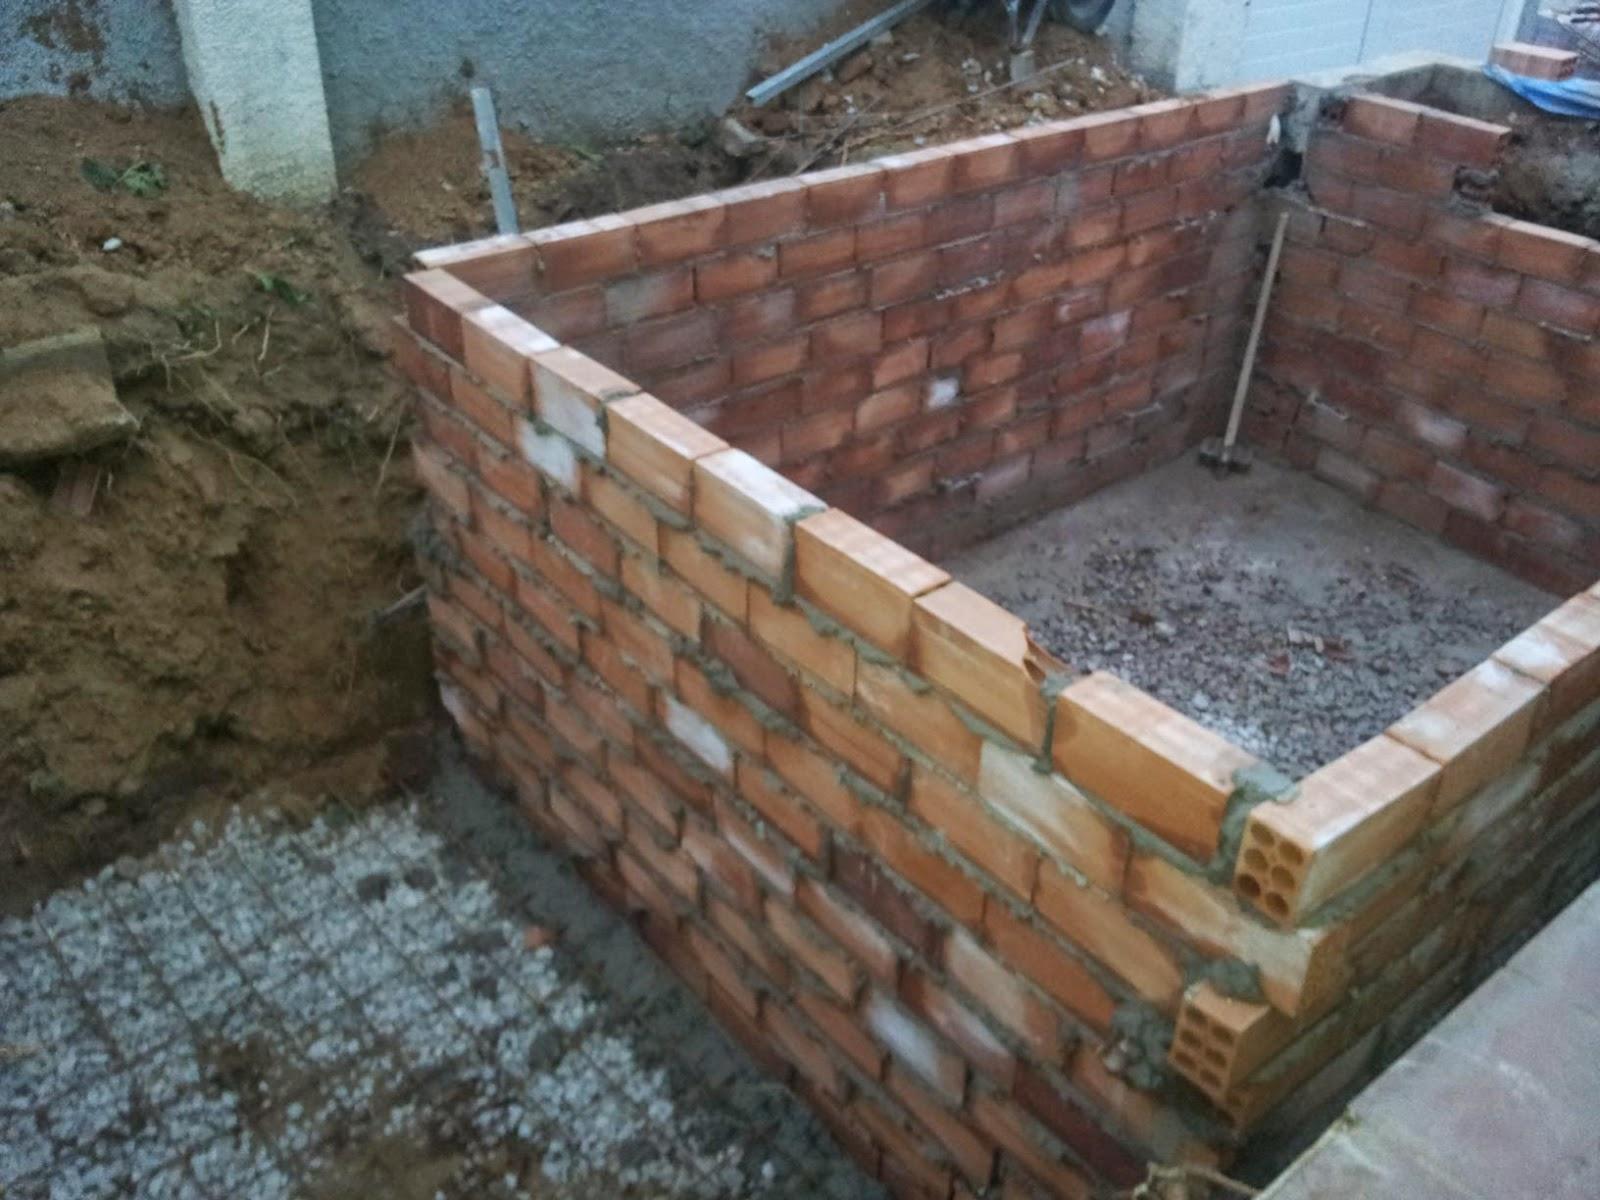 Construcci n reparacion y mantenimientos de piscinas for Construccion de piscinas con ladrillos